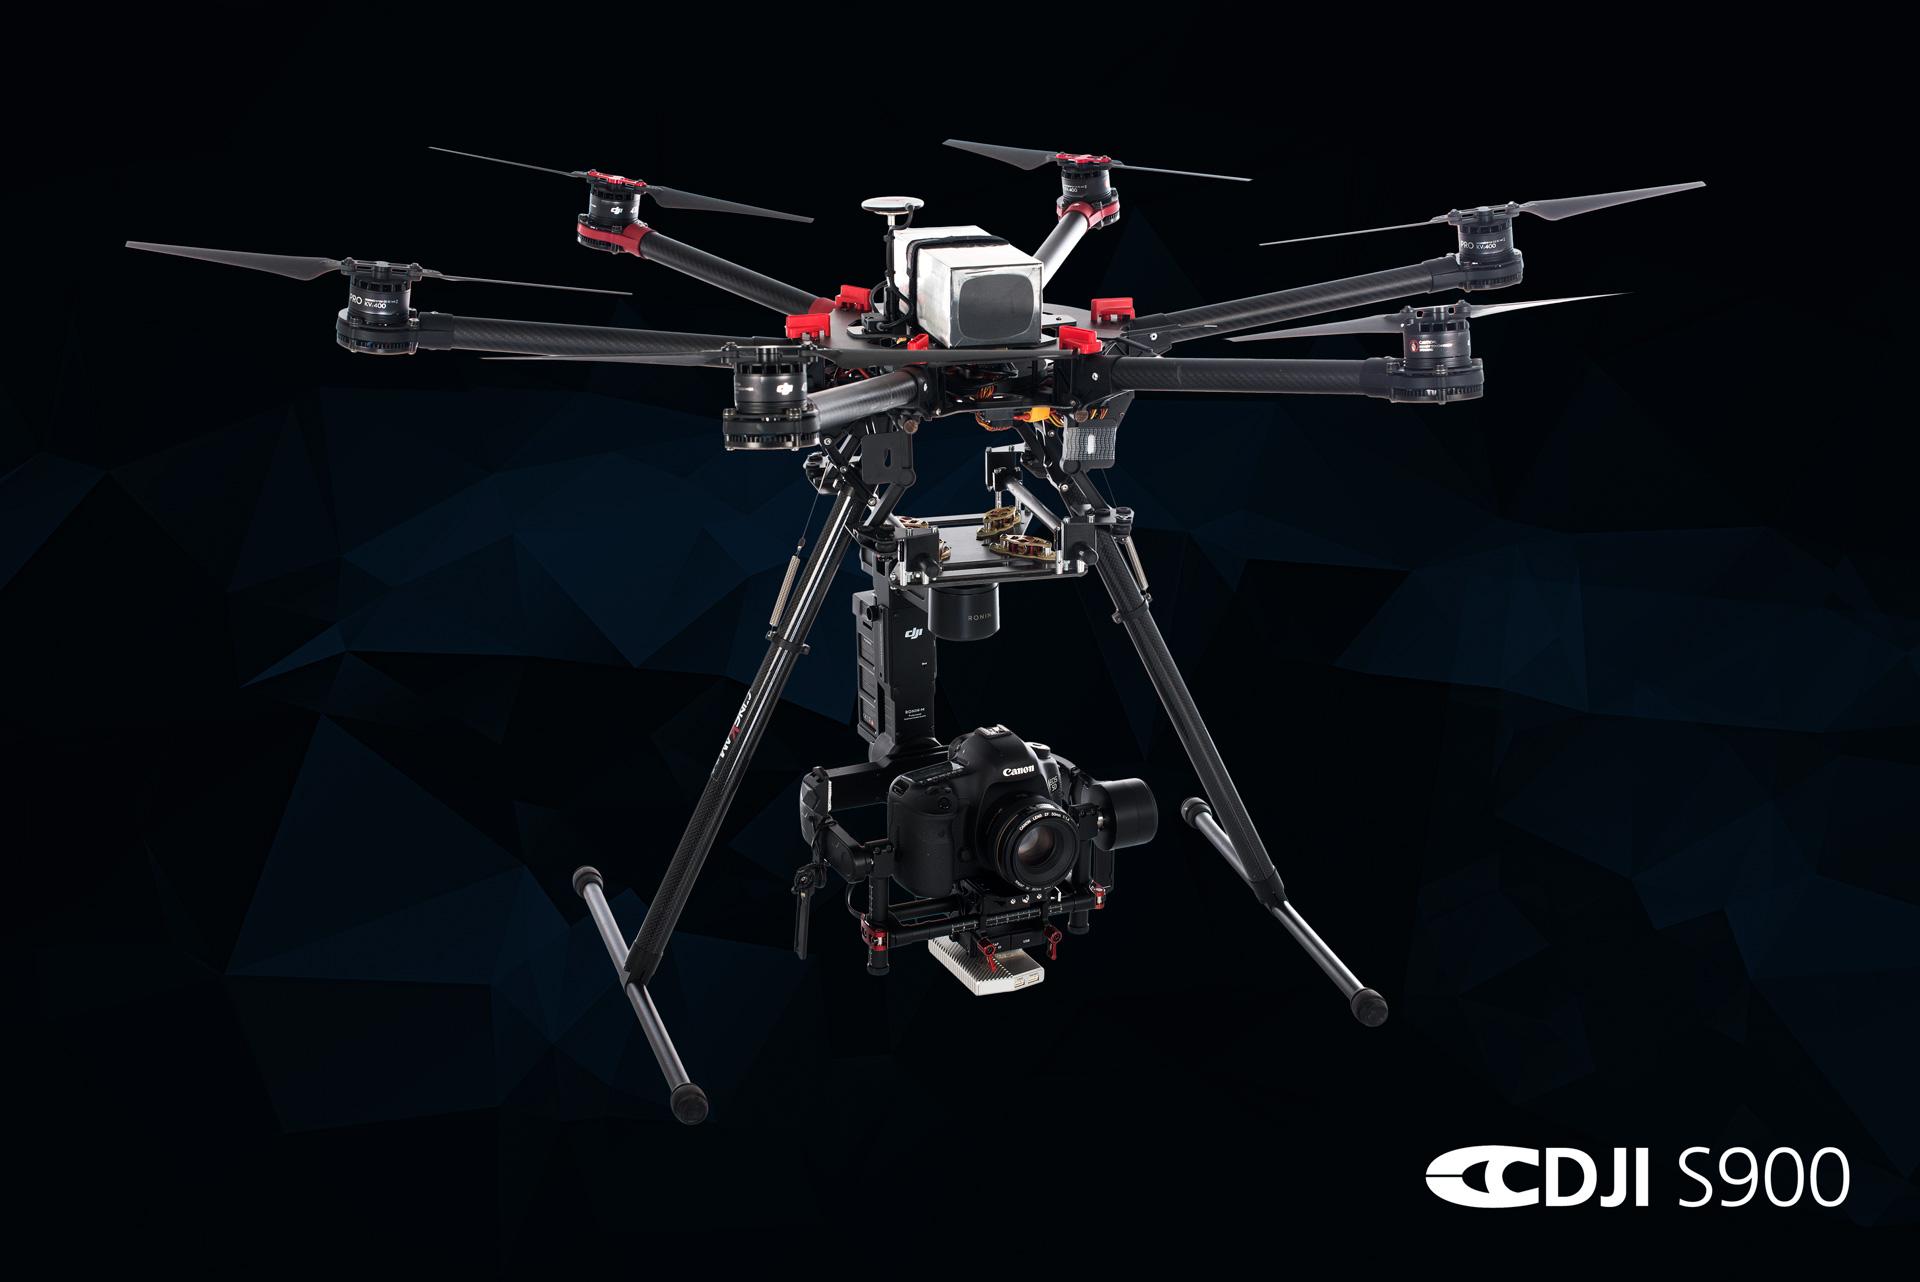 Riprese drone cinema - riprese drone 4K - noleggio riprese drone